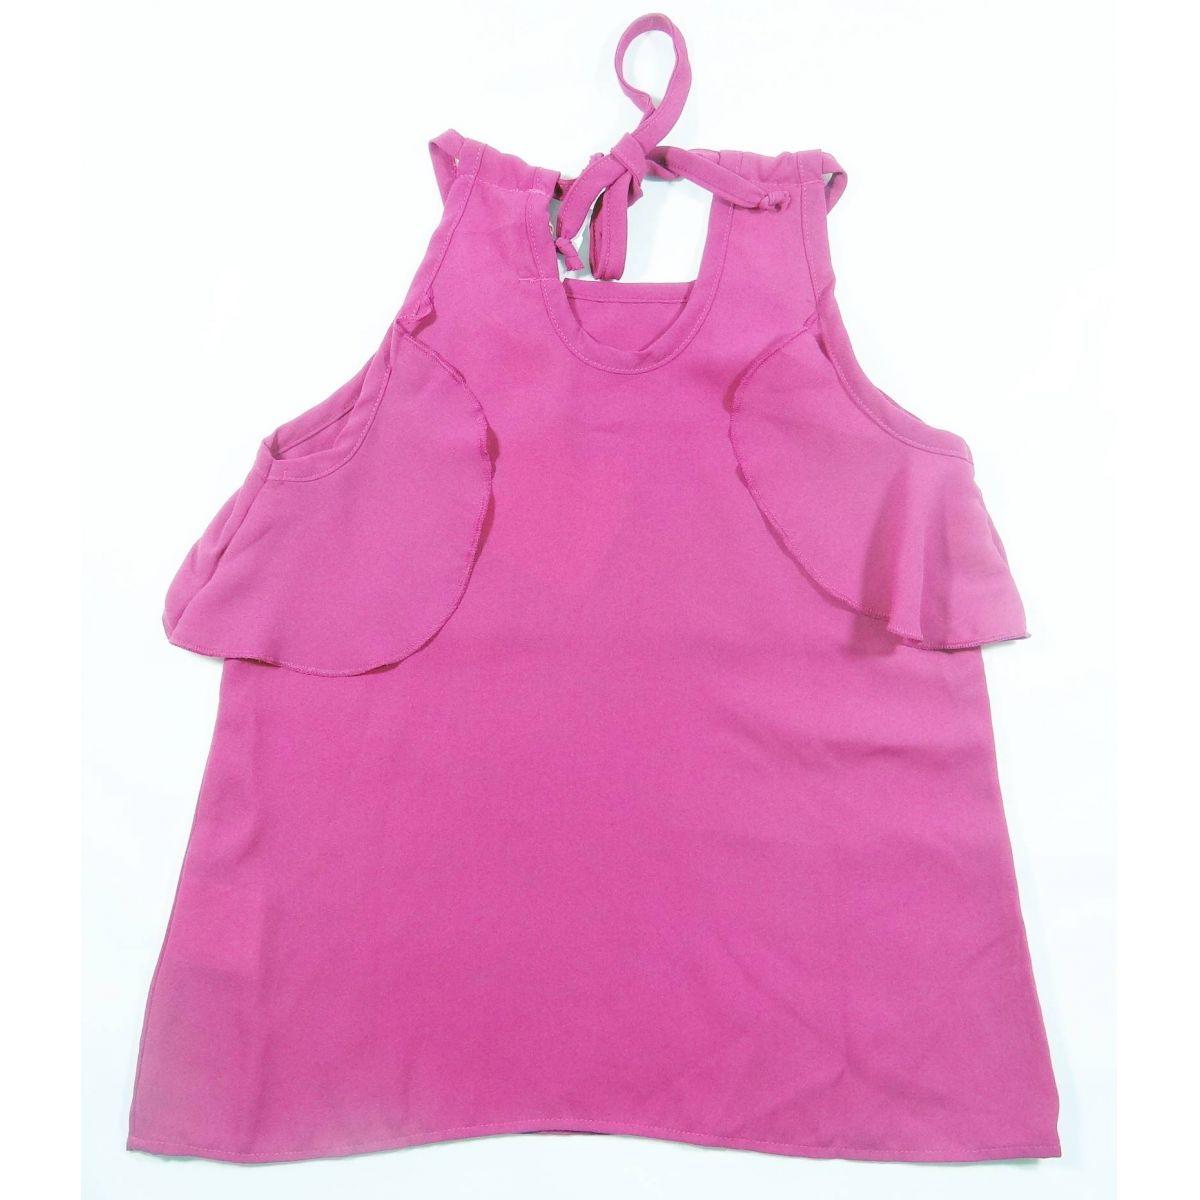 Blusa de Alcinha Pink - Ref. 30234